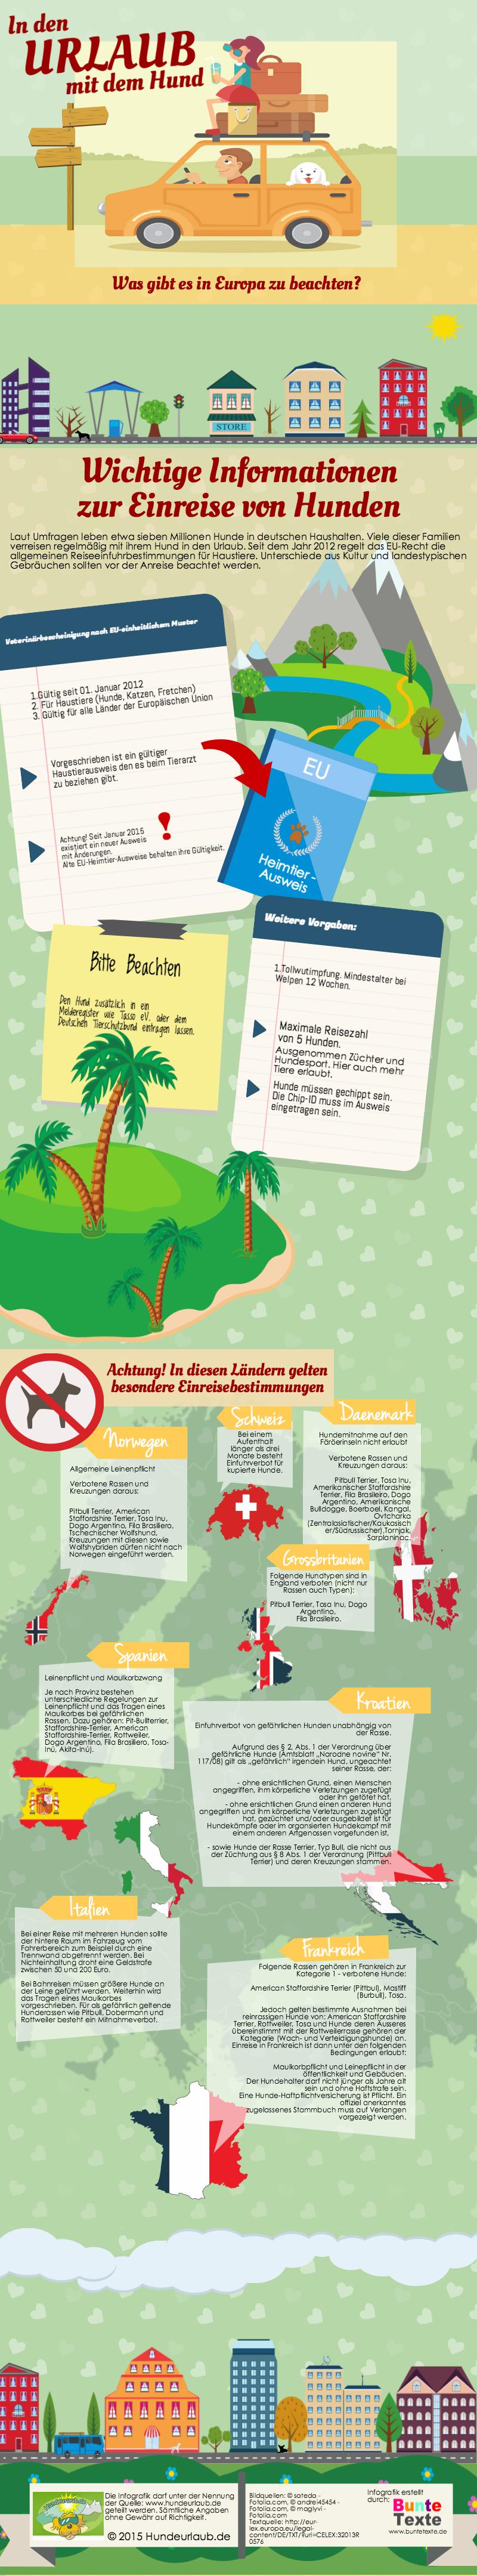 neue-version-infografik-hundeurlaub-mit-frau-auf-dem-auto(1)